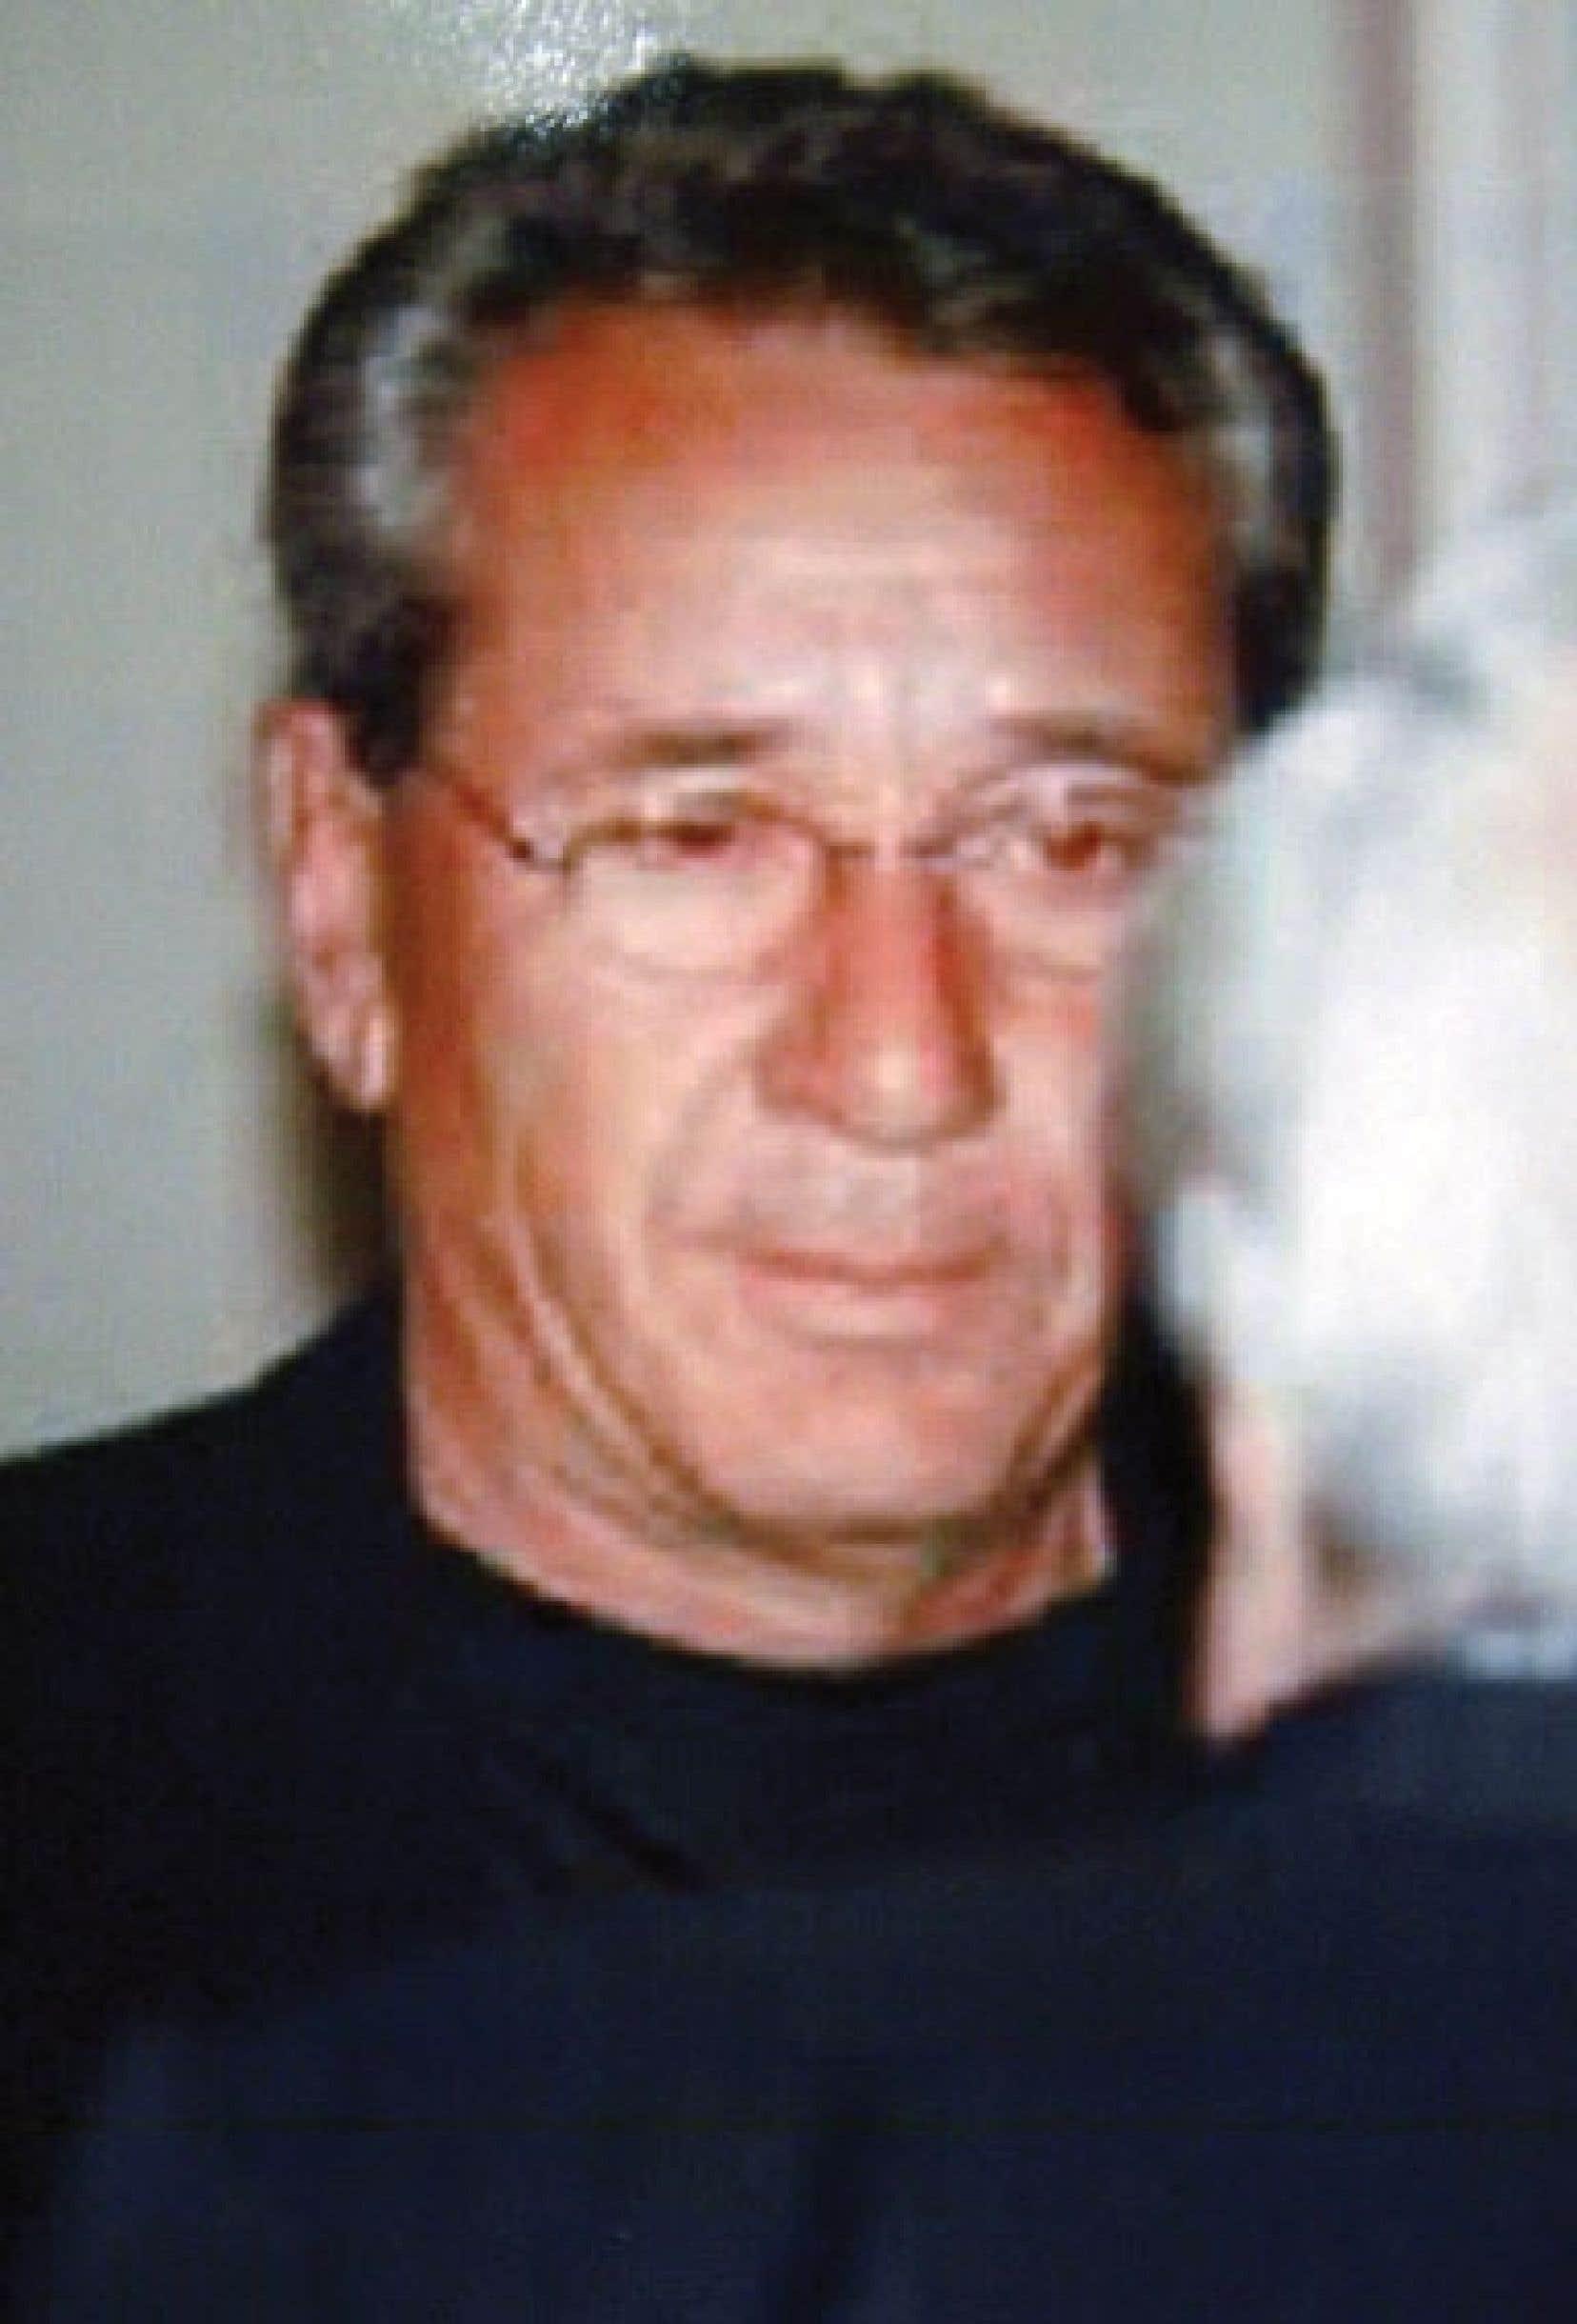 Vito Rizzuto, sur une photographie dévoilée en 2005 par la police de Rome, en Italie.